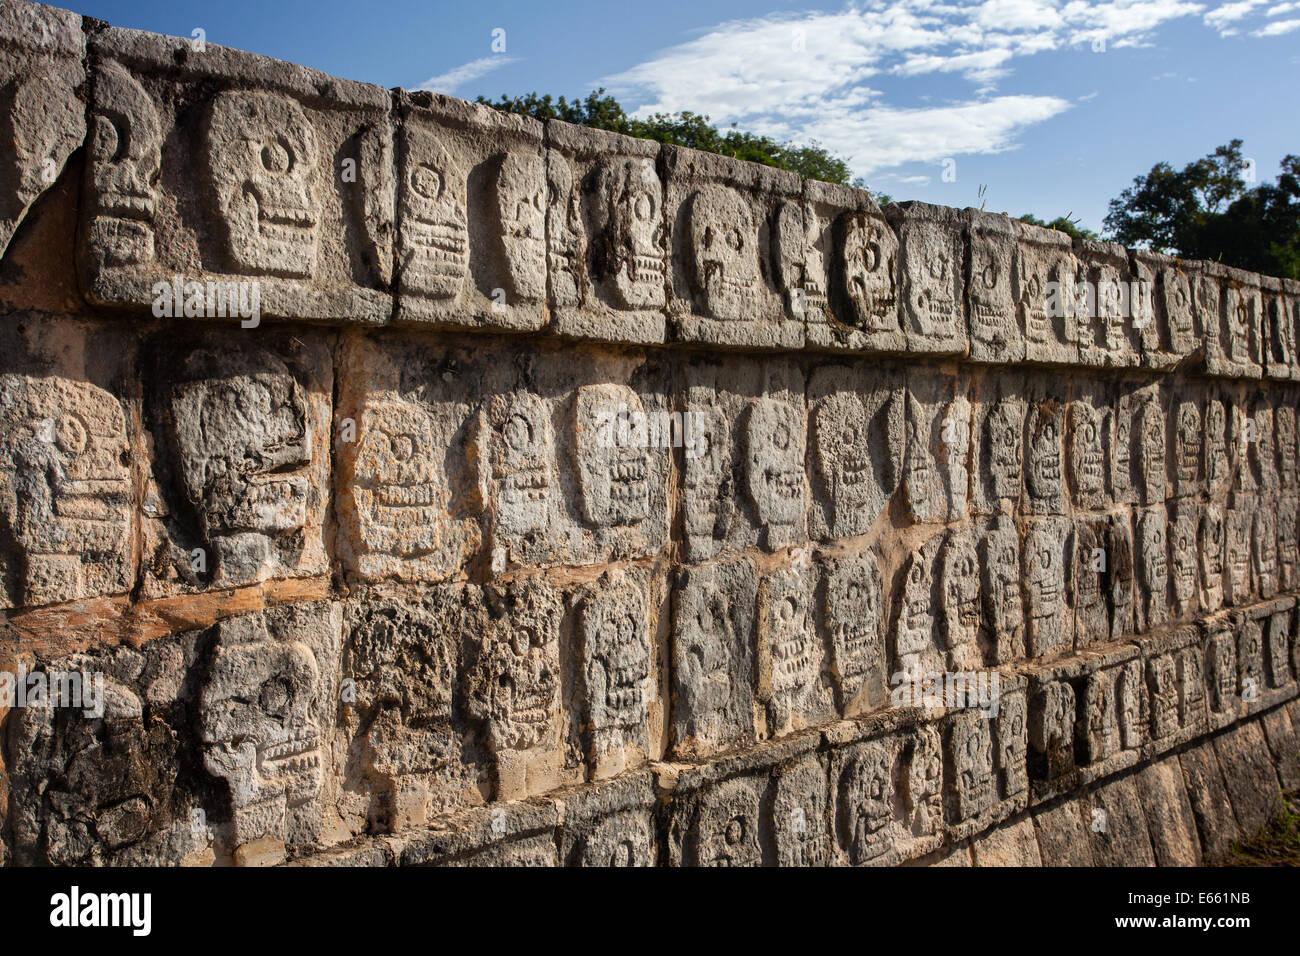 Il tzompantli, o parete di teschi, a chichen-itza, Yucatan, Messico. Immagini Stock